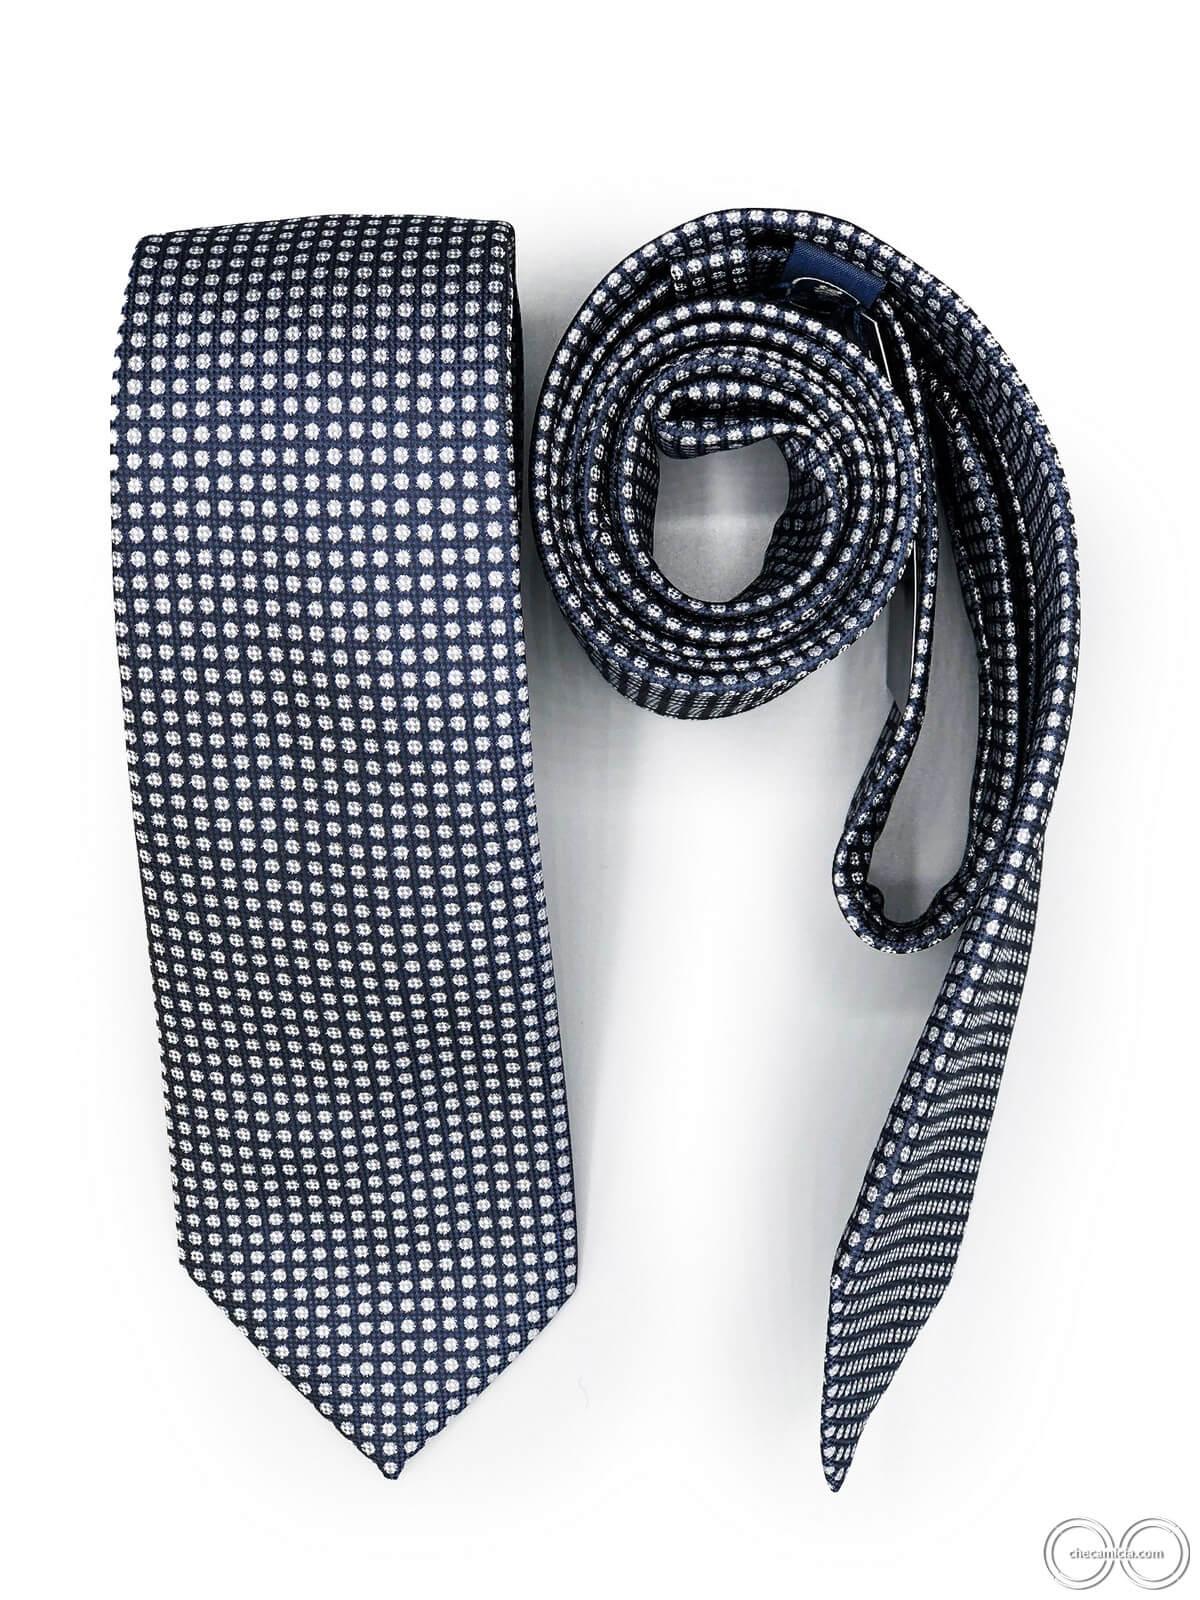 Negozio di cravatte online cravatte particolari da uomo Nemesi CheCamicia